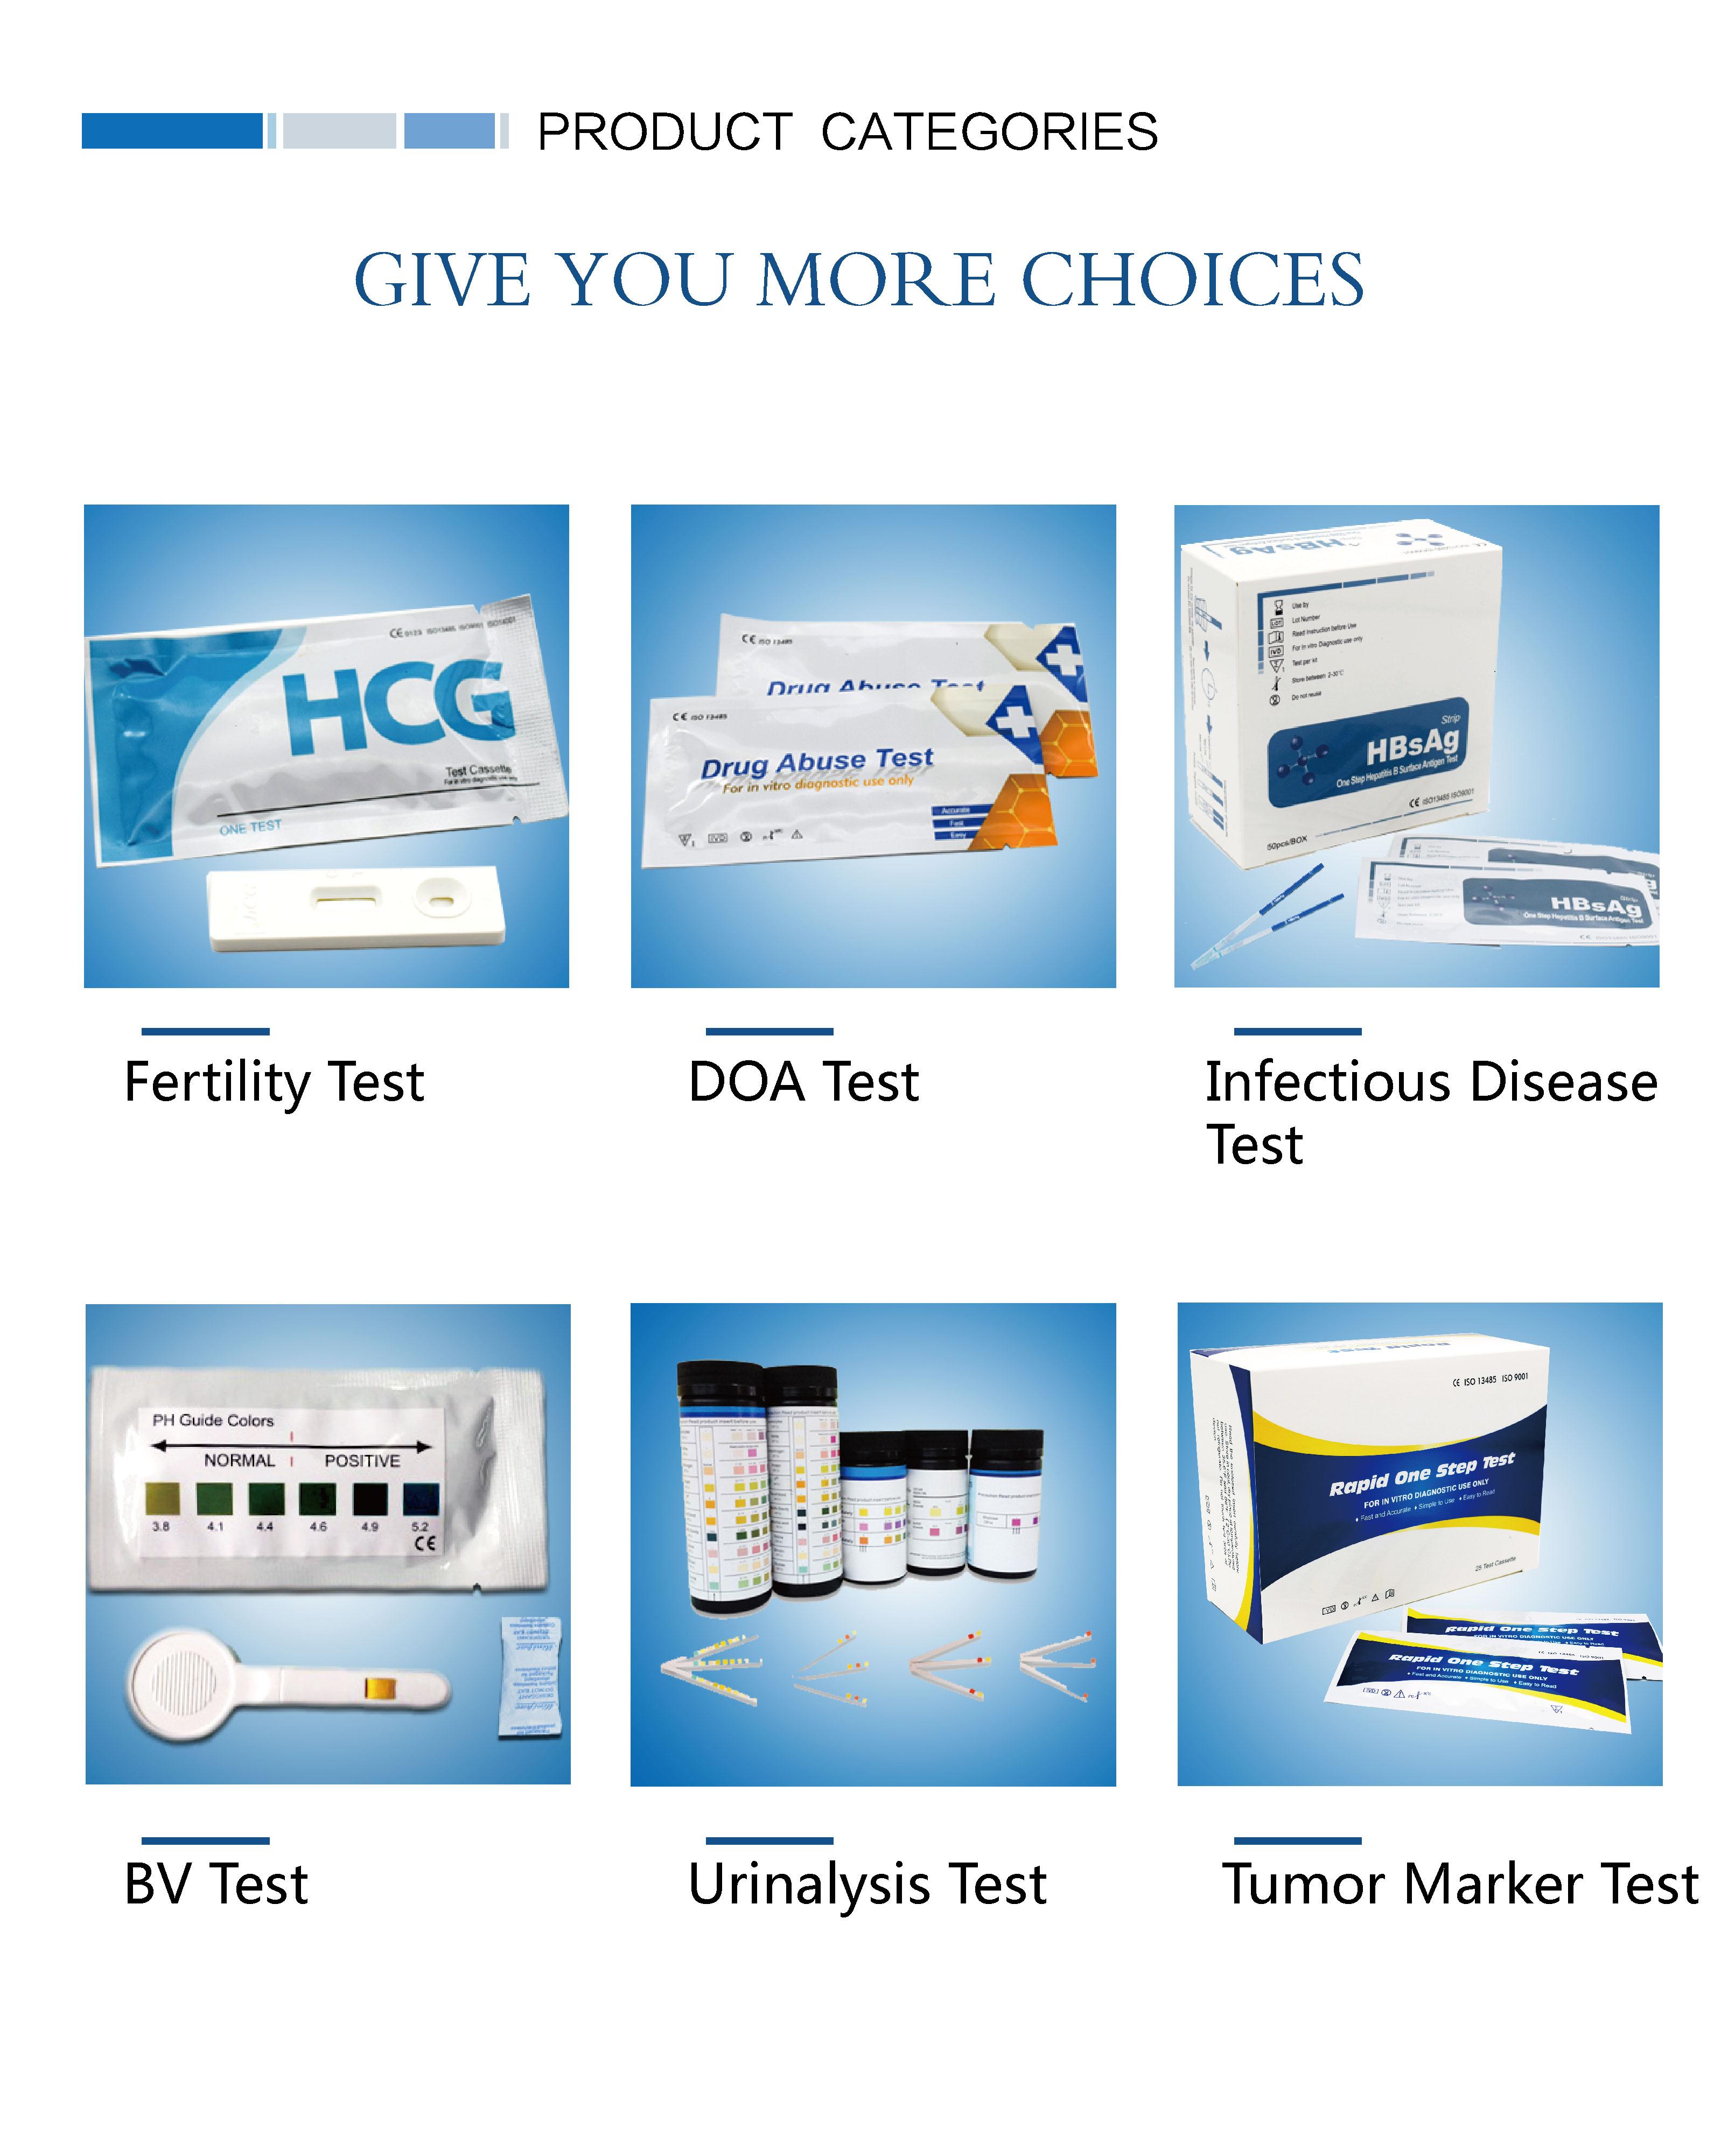 गर्भावस्था परीक्षण सकारात्मक तस्वीर